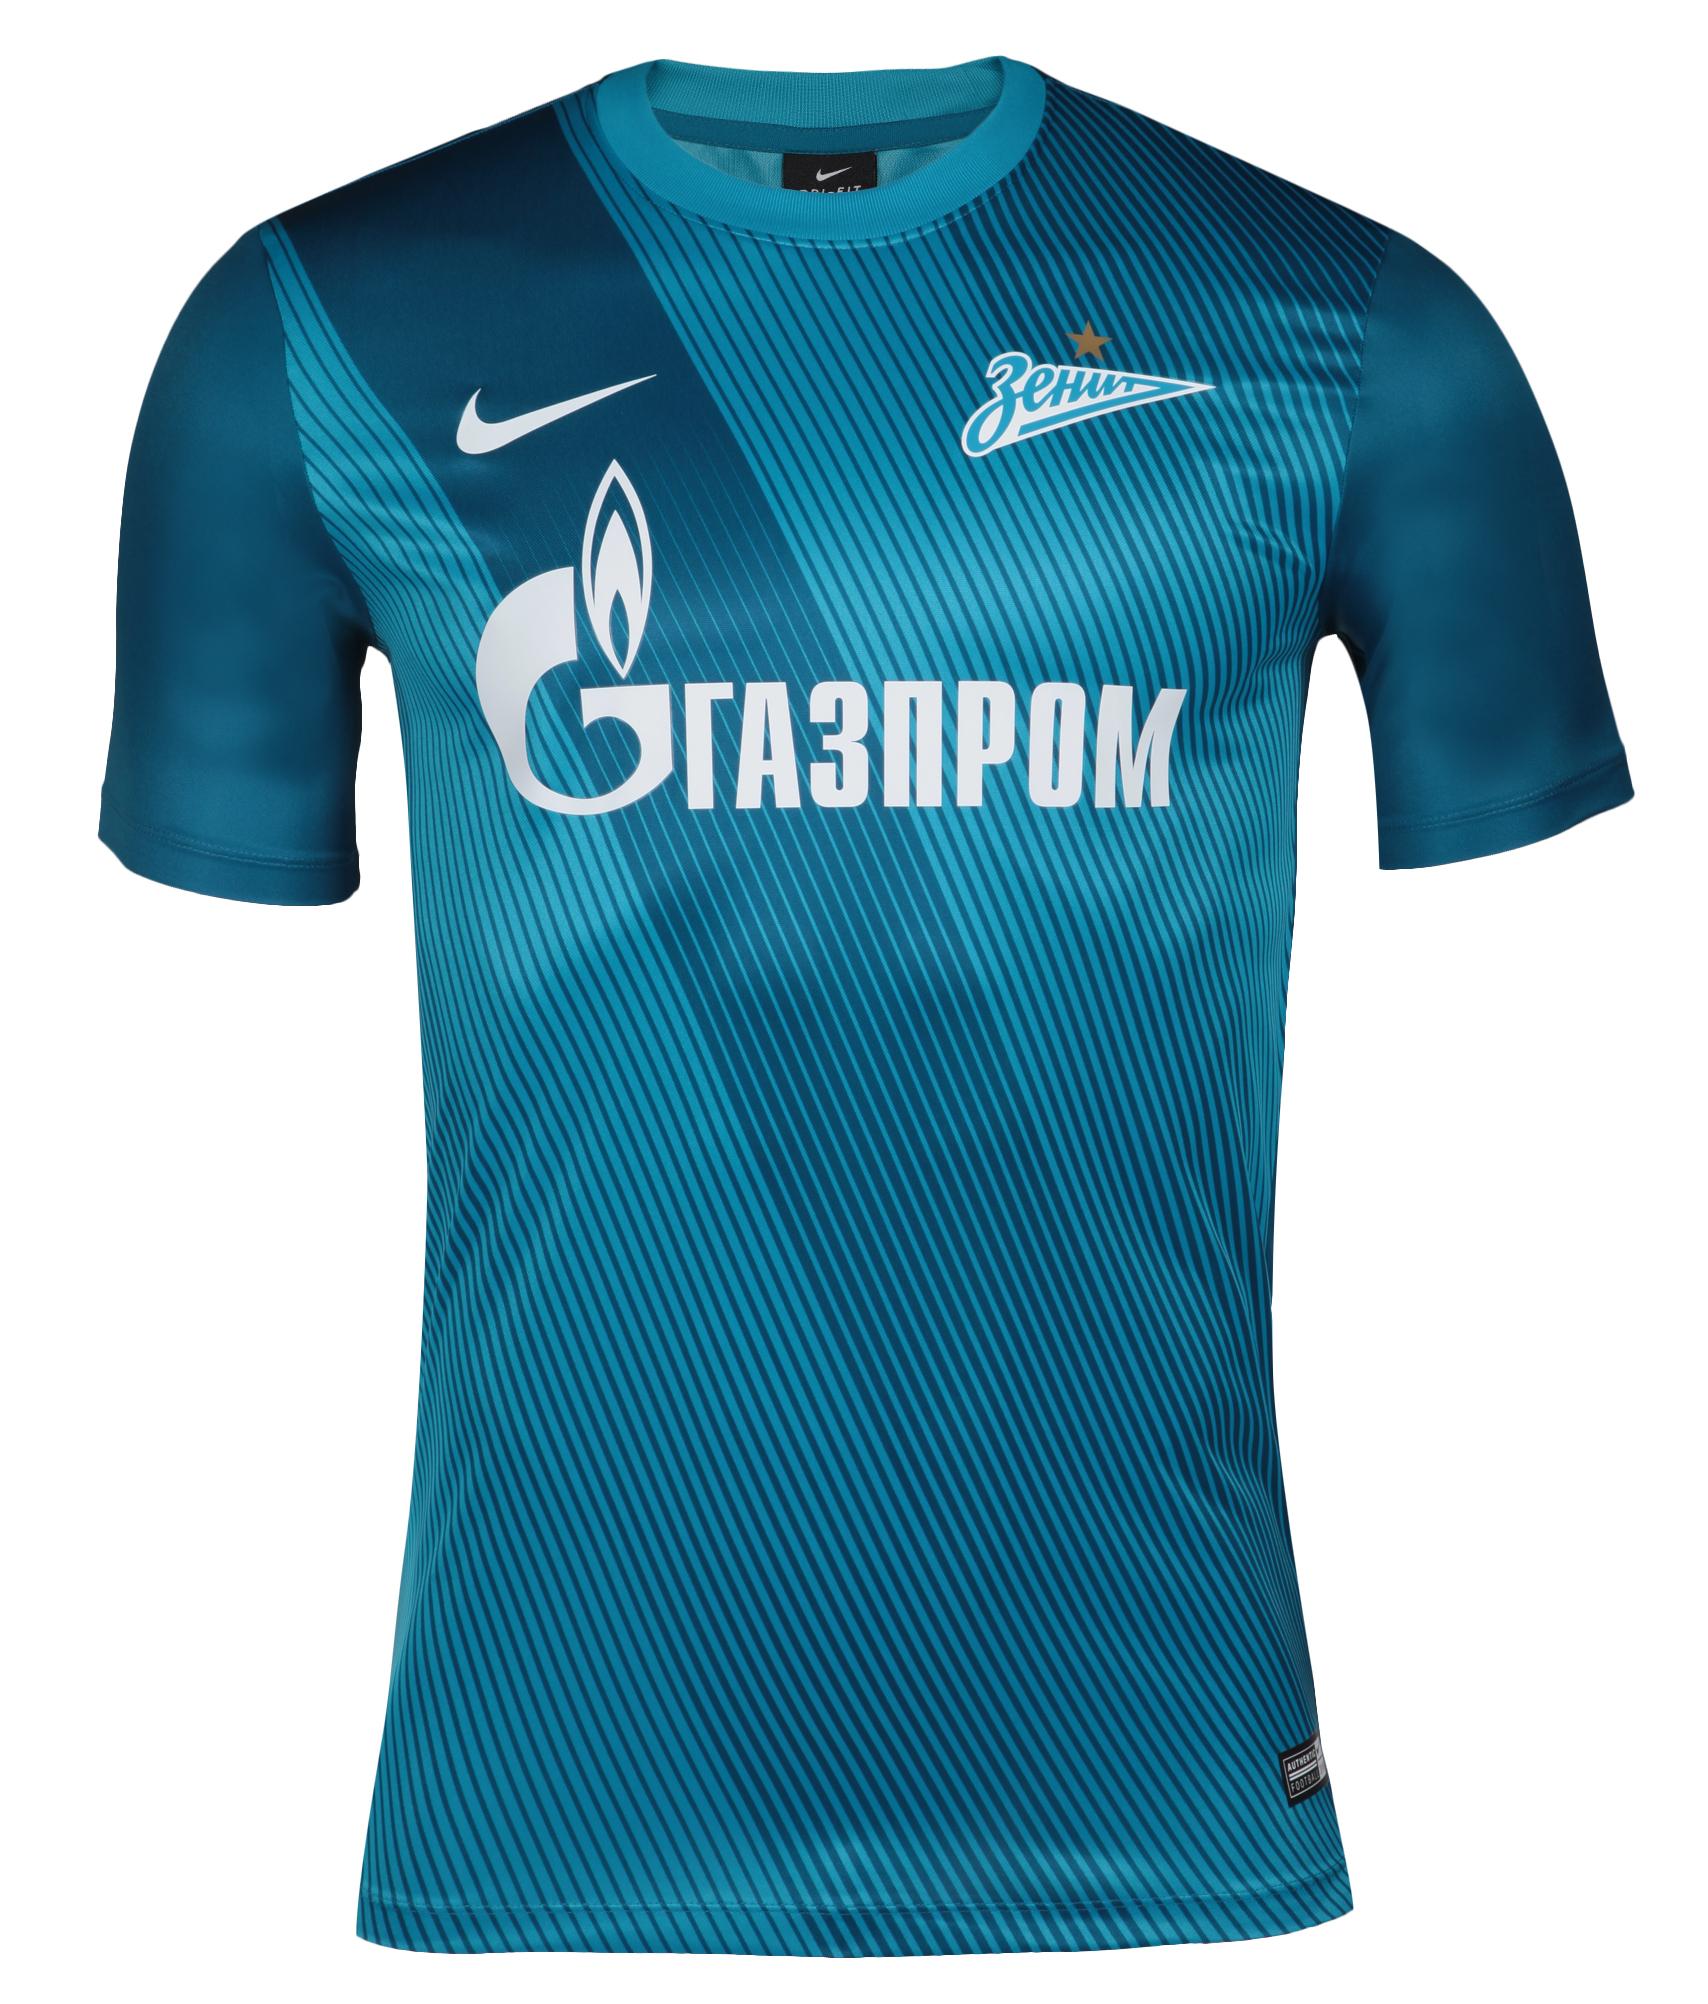 Реплика домашней игровой футболки, Цвет-Синий, Размер-XXL реплика шлема mich2000 олива